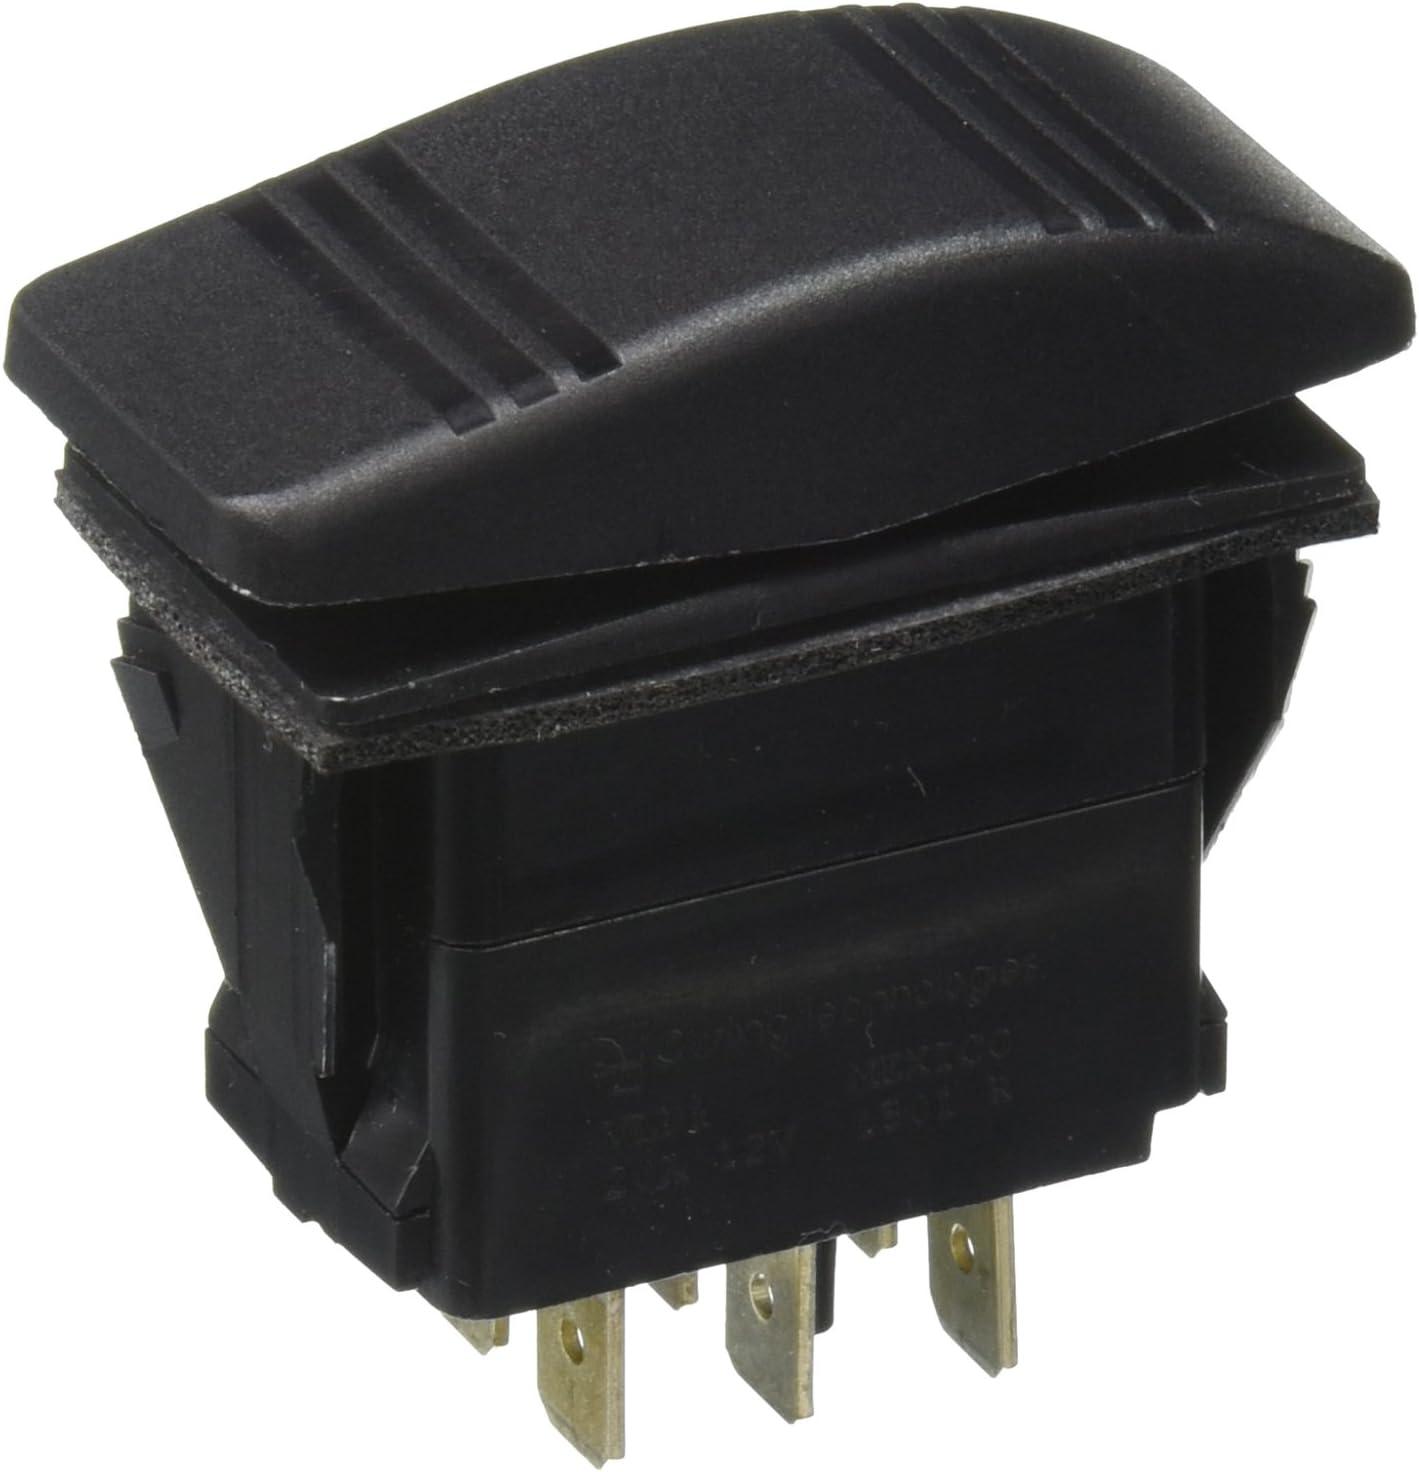 Sierra RK19750TP Rocker Switch